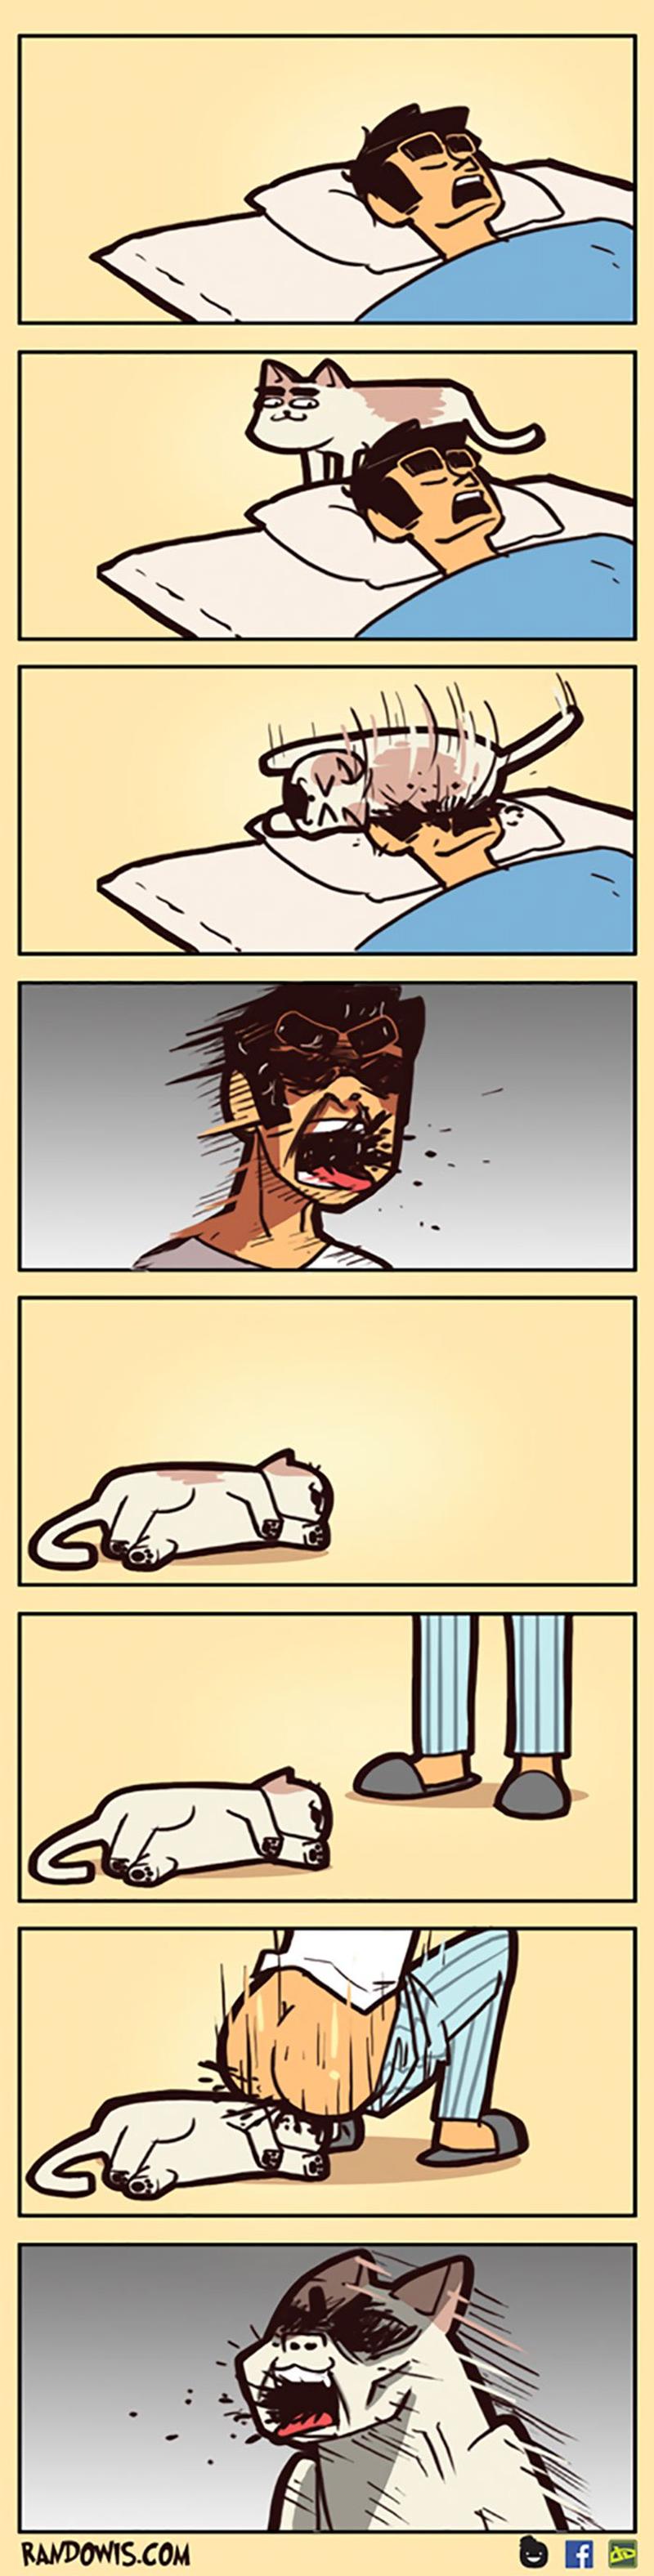 Dando o troco no gato